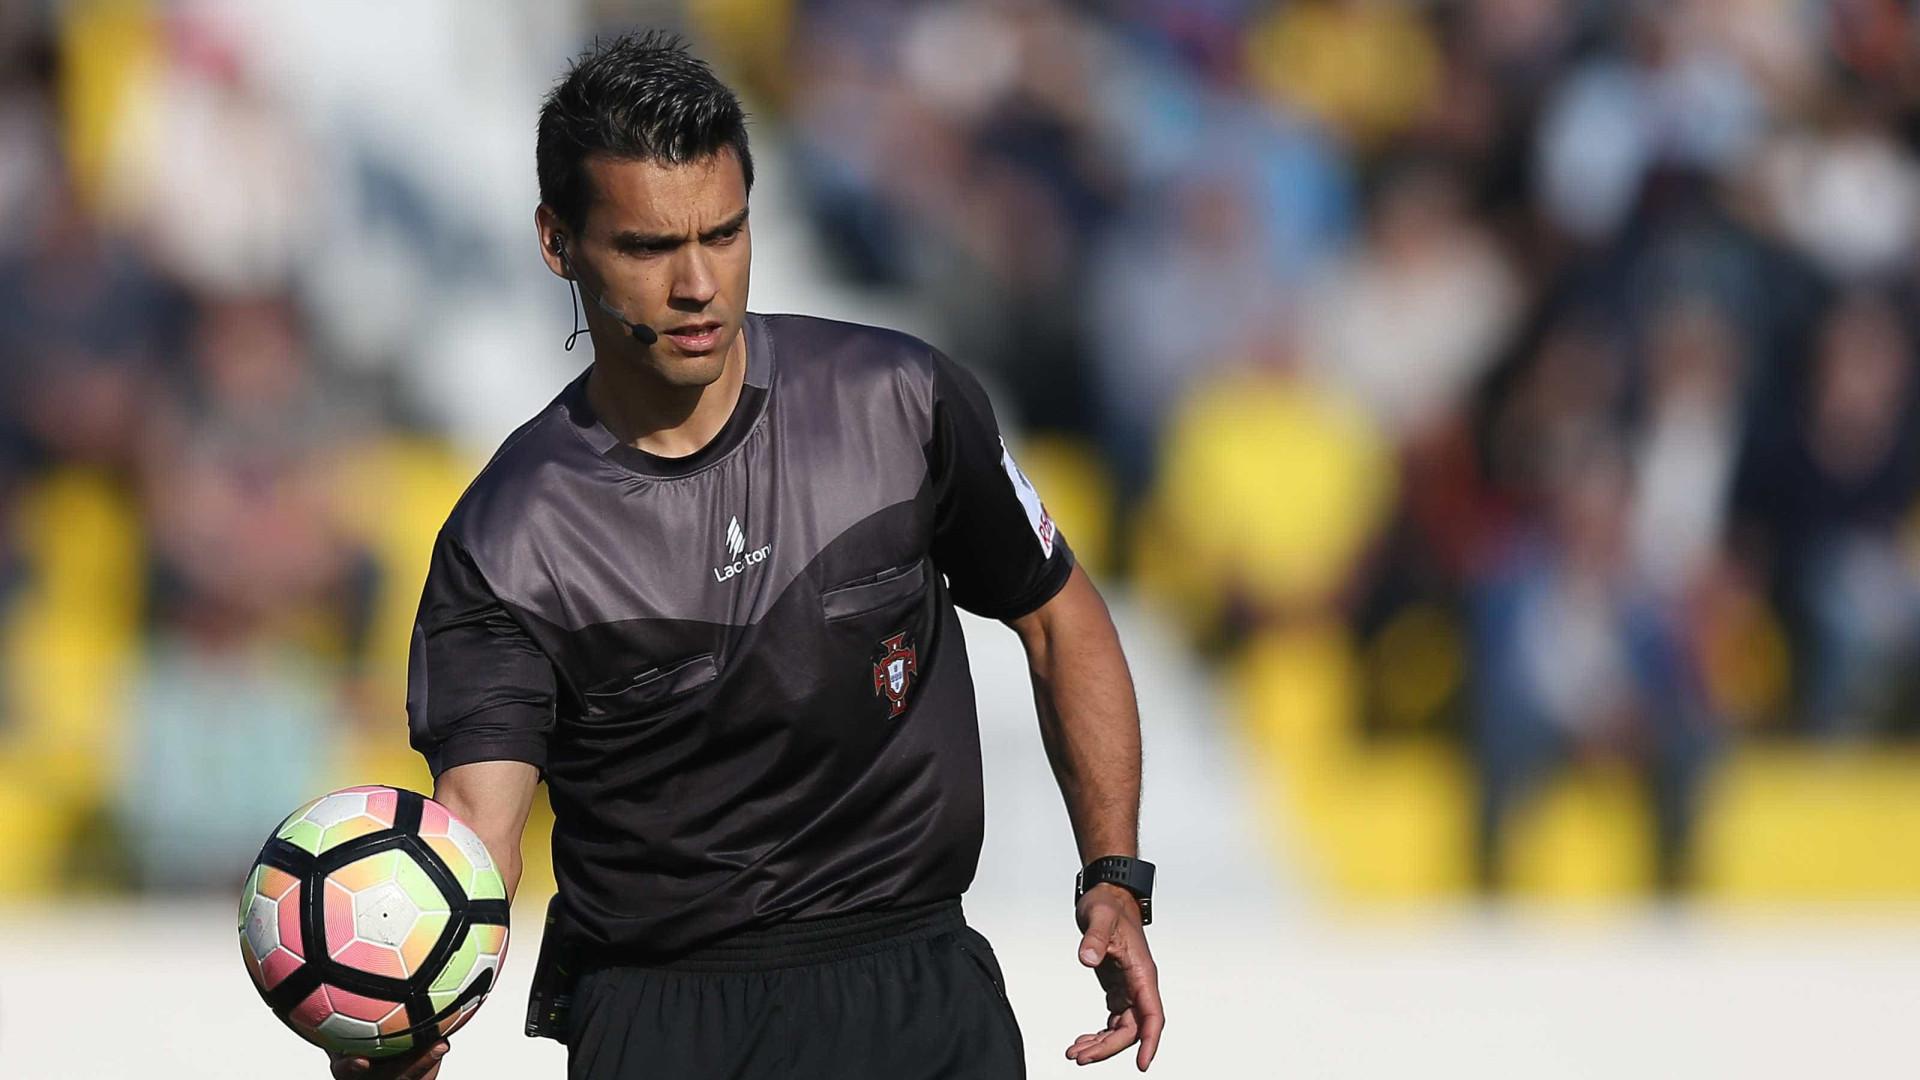 Fafe multado por insultos de um adepto a Tiago Antunes